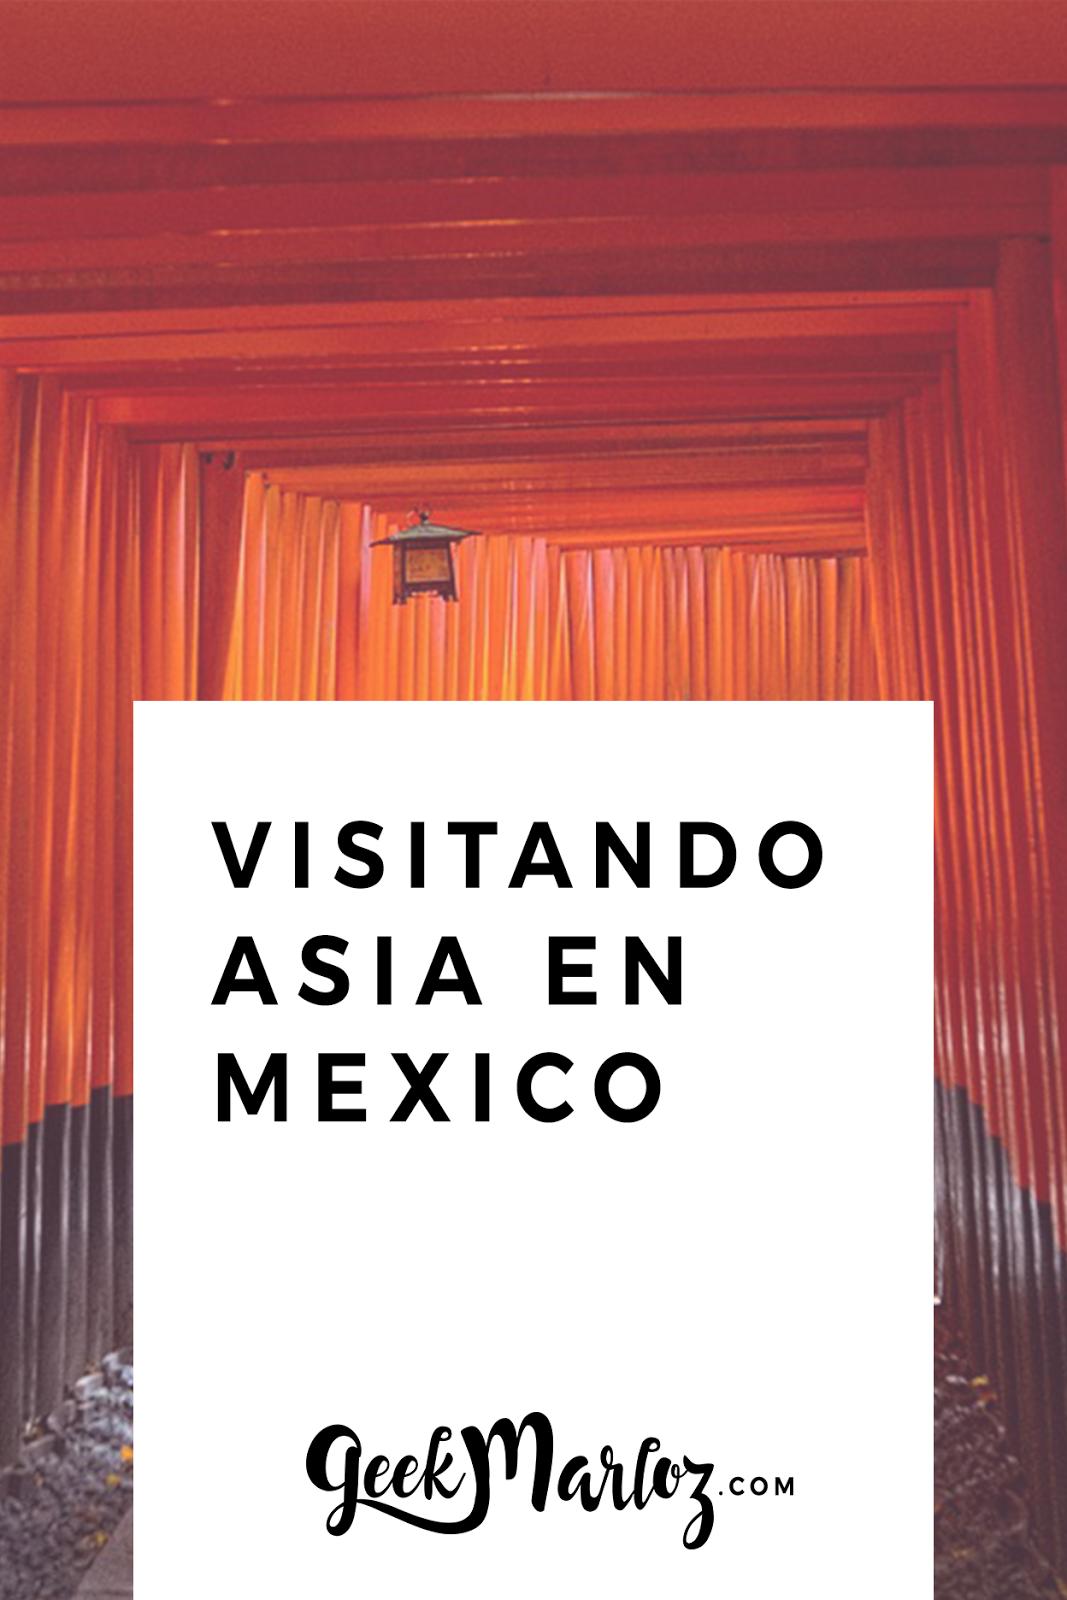 GeekMarloz| Un lector visitando: Asia en México